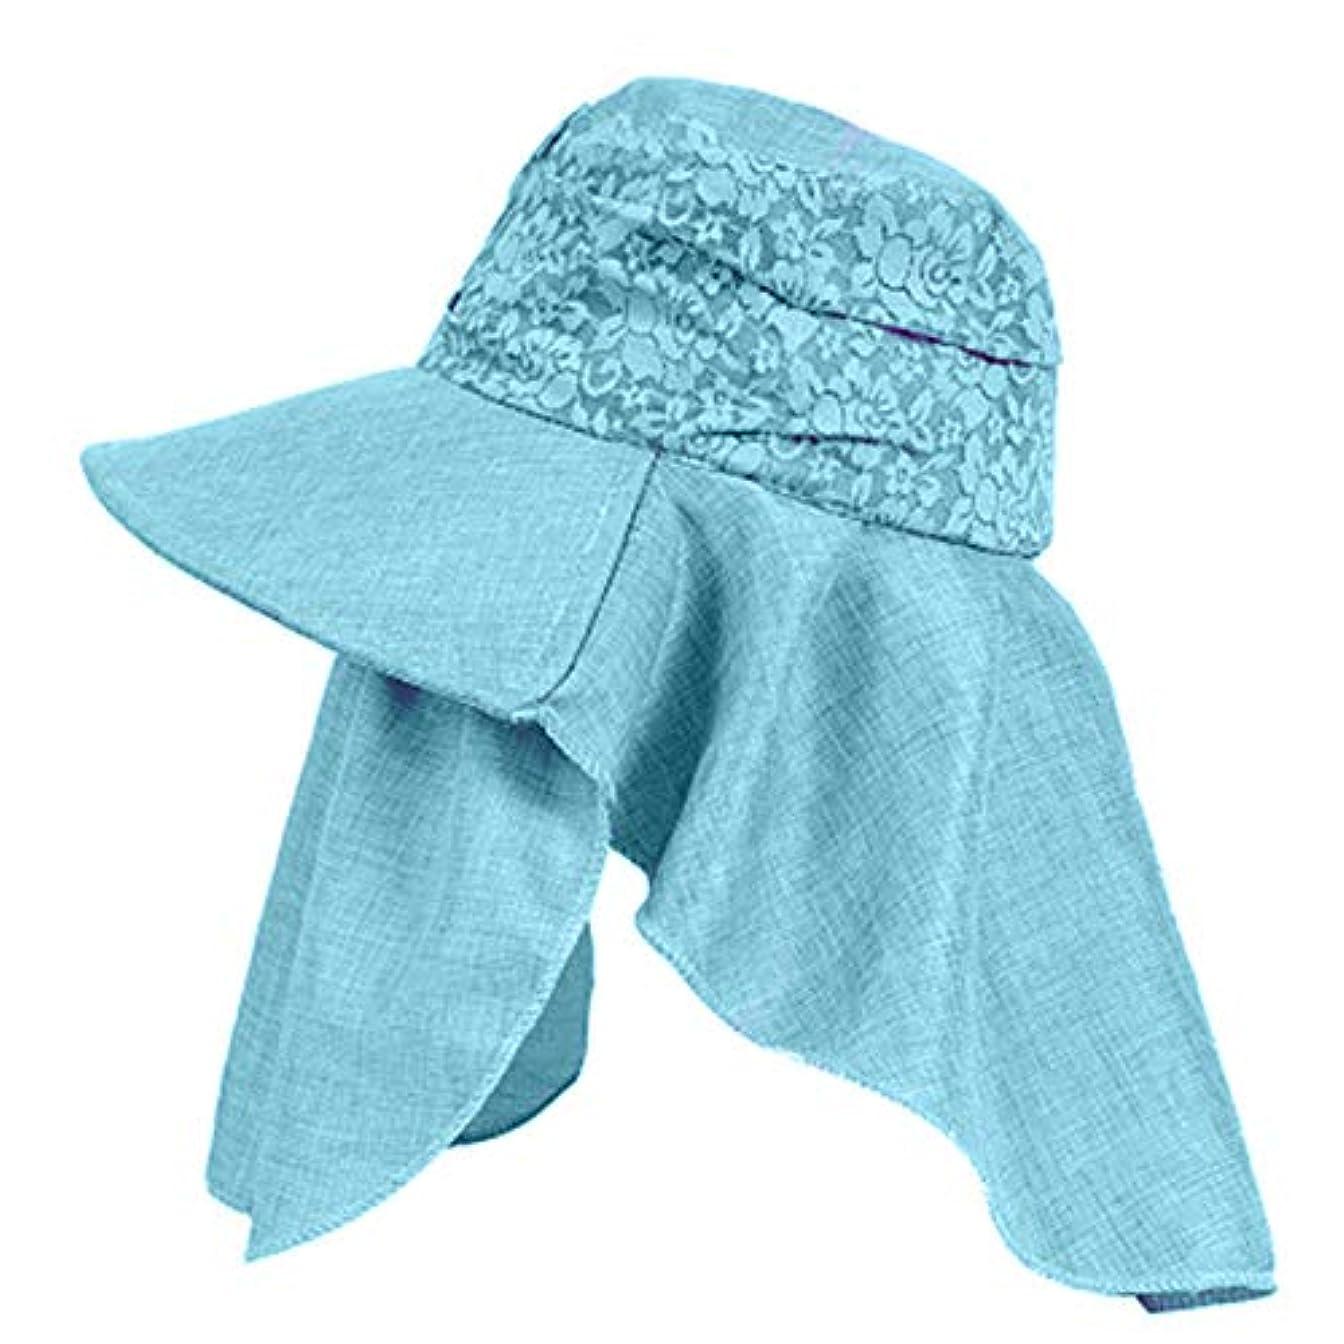 法律により内向き予知Merssavo 女性の夏の日曜日の帽子、バイザーカバーの表面の反紫色のライン旅行日曜日の帽子、ガーデニング、ハイキング、旅行、1#